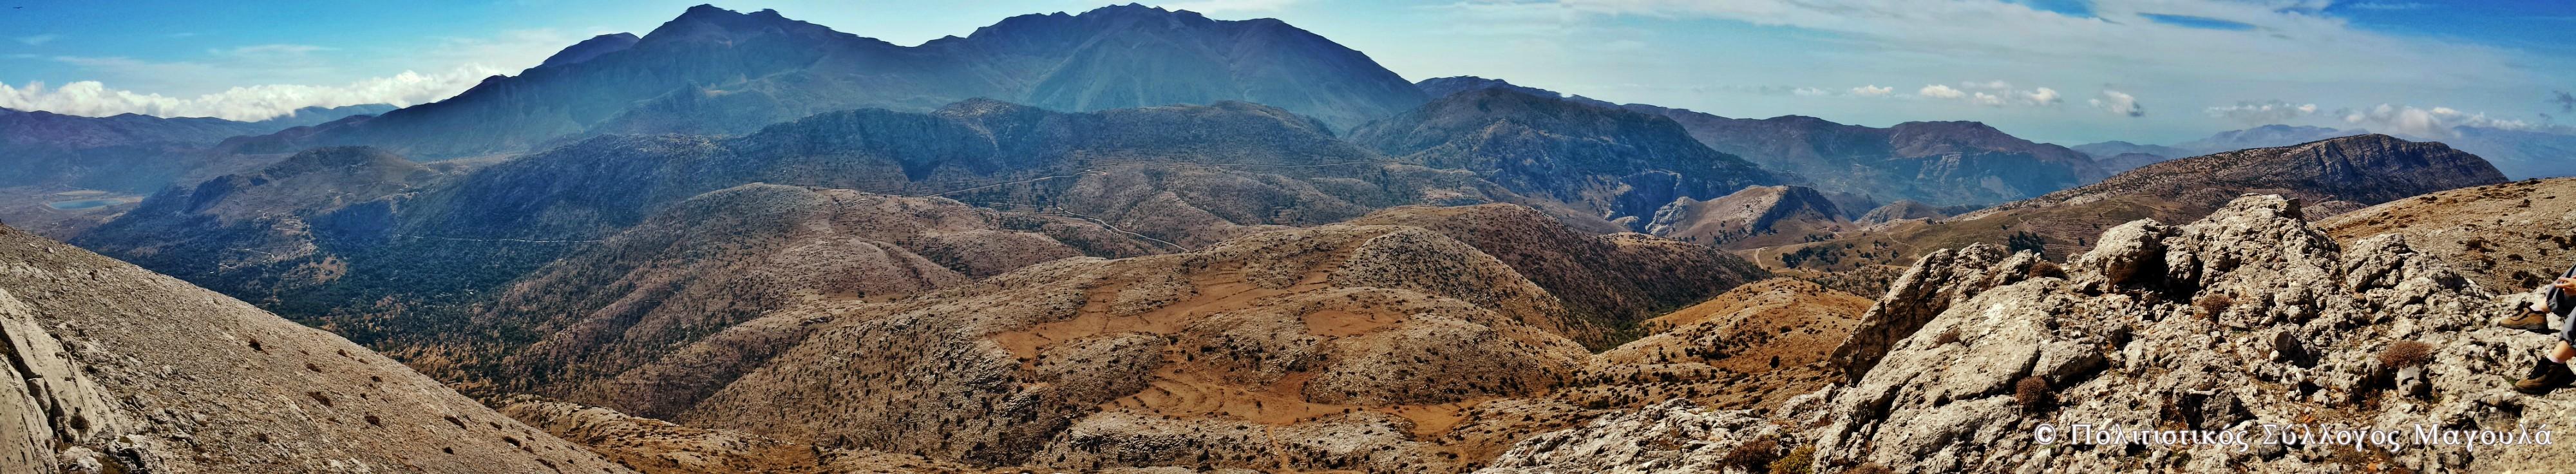 Η θέα της Δίκτης από την Κορφή της Μάχας- The view of mount Dikti from Maha's peak